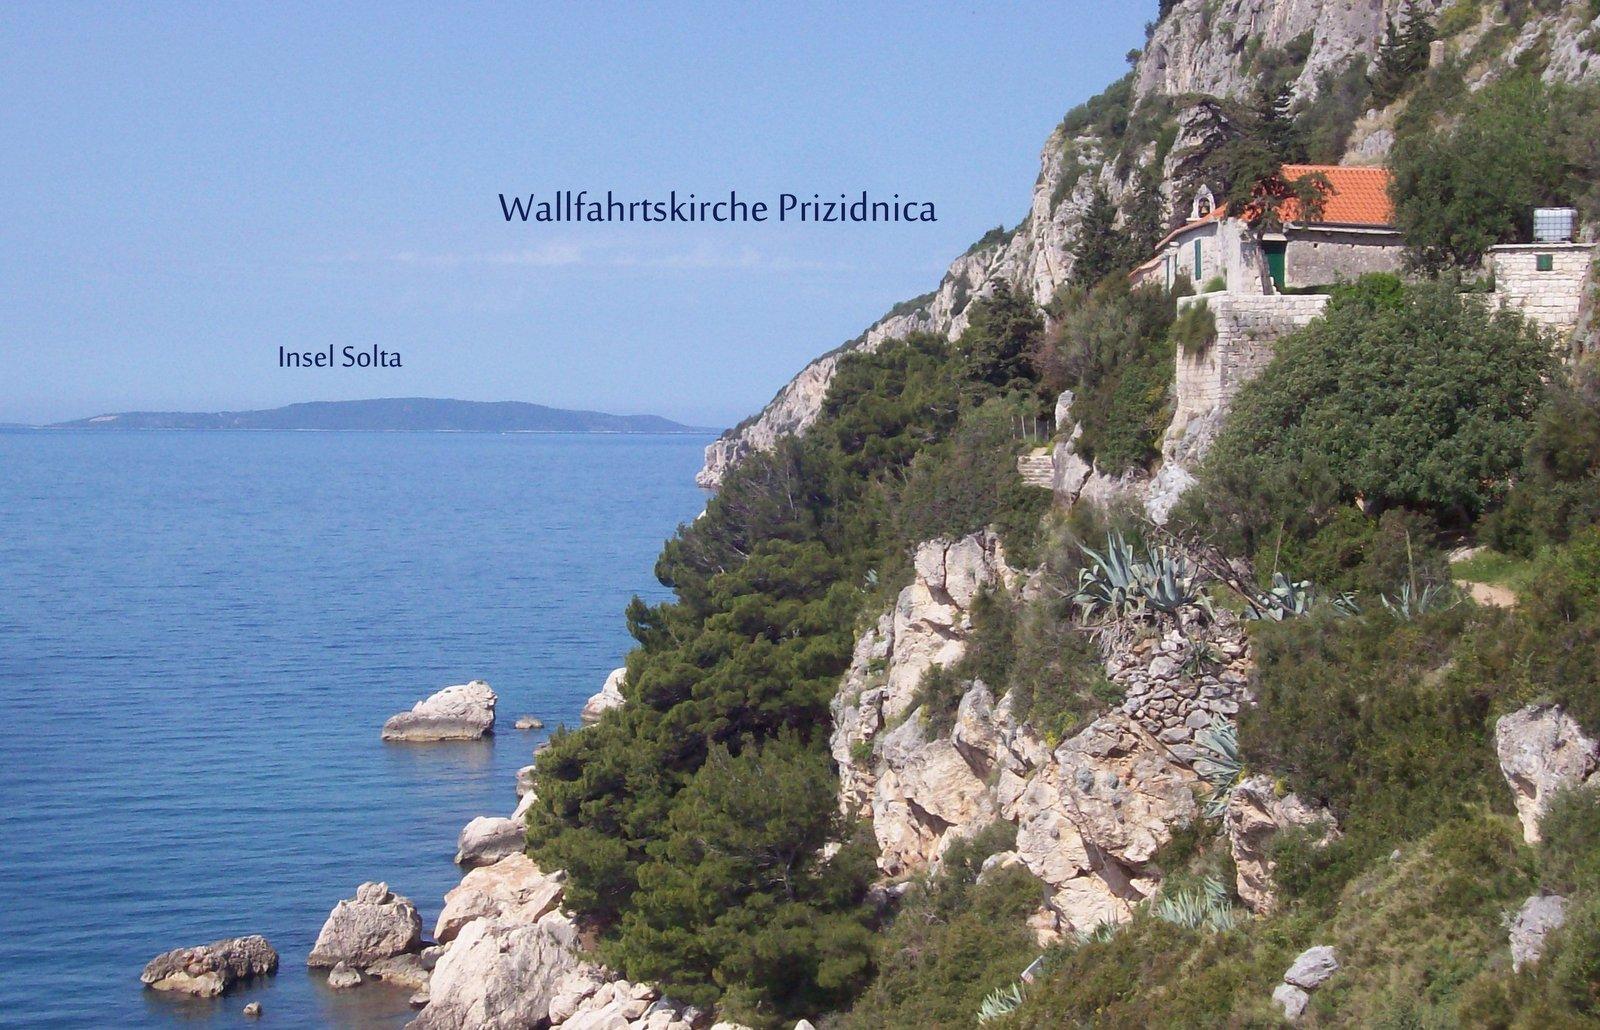 Wallfahrtskirche Prizidnica - Insel Ciovo